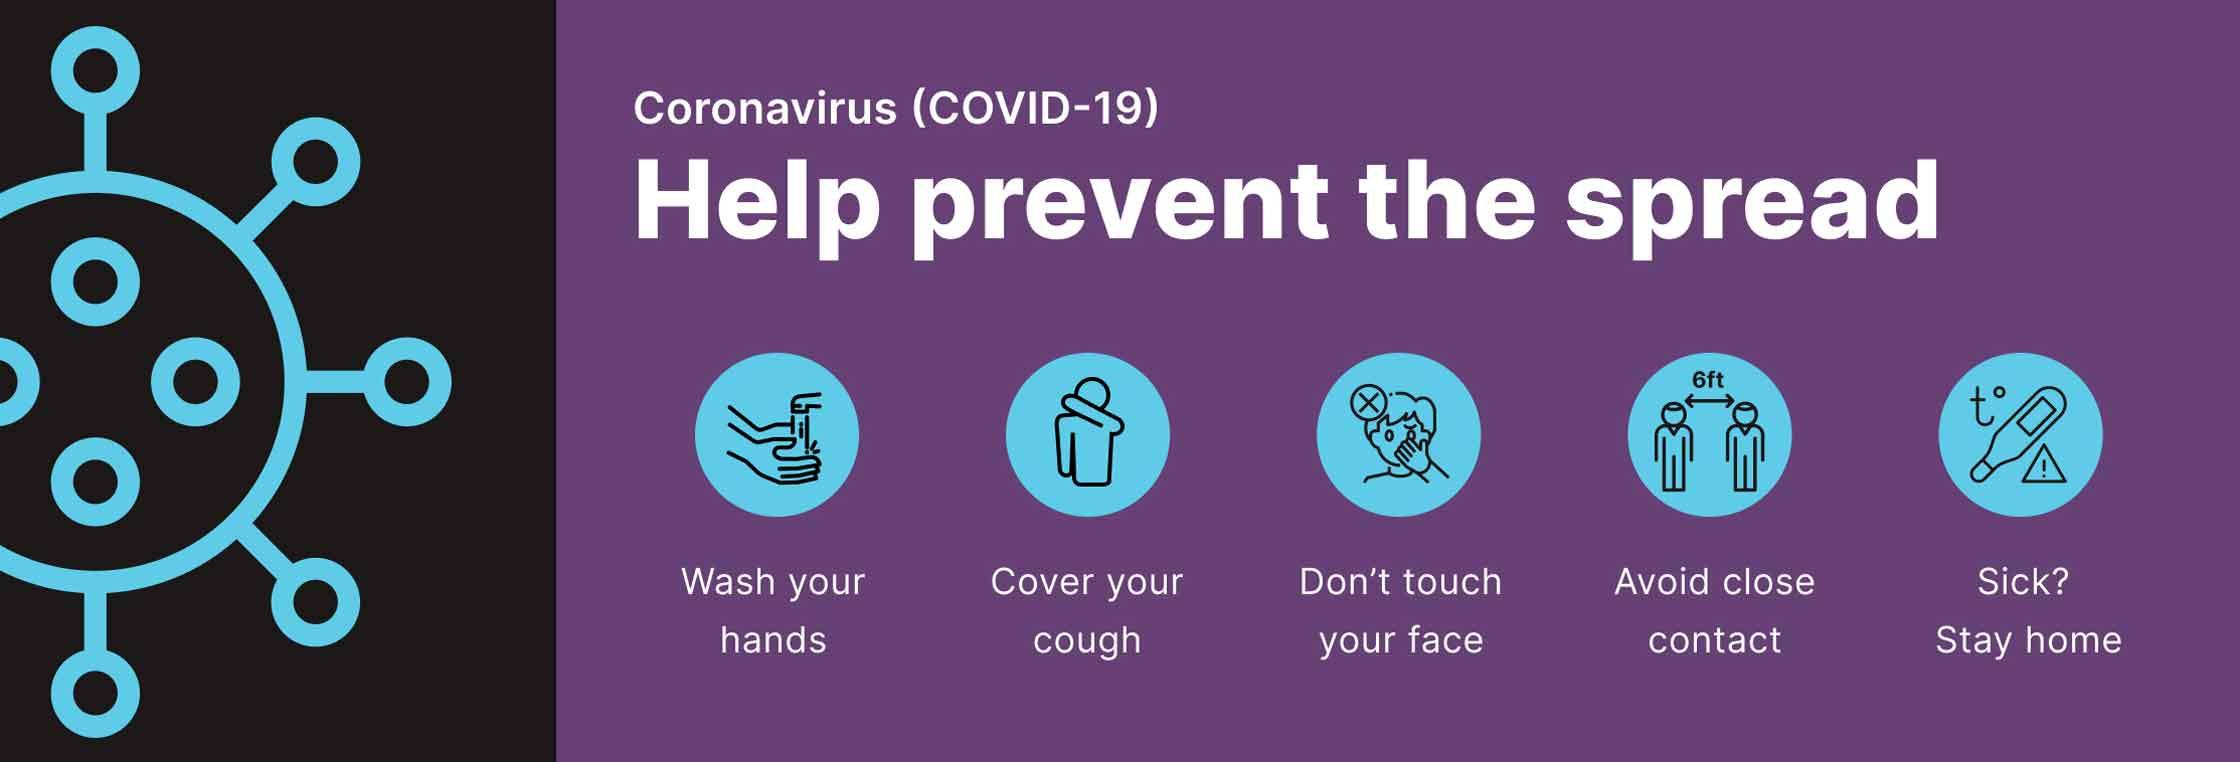 Coronavirus - Help prevent the spread